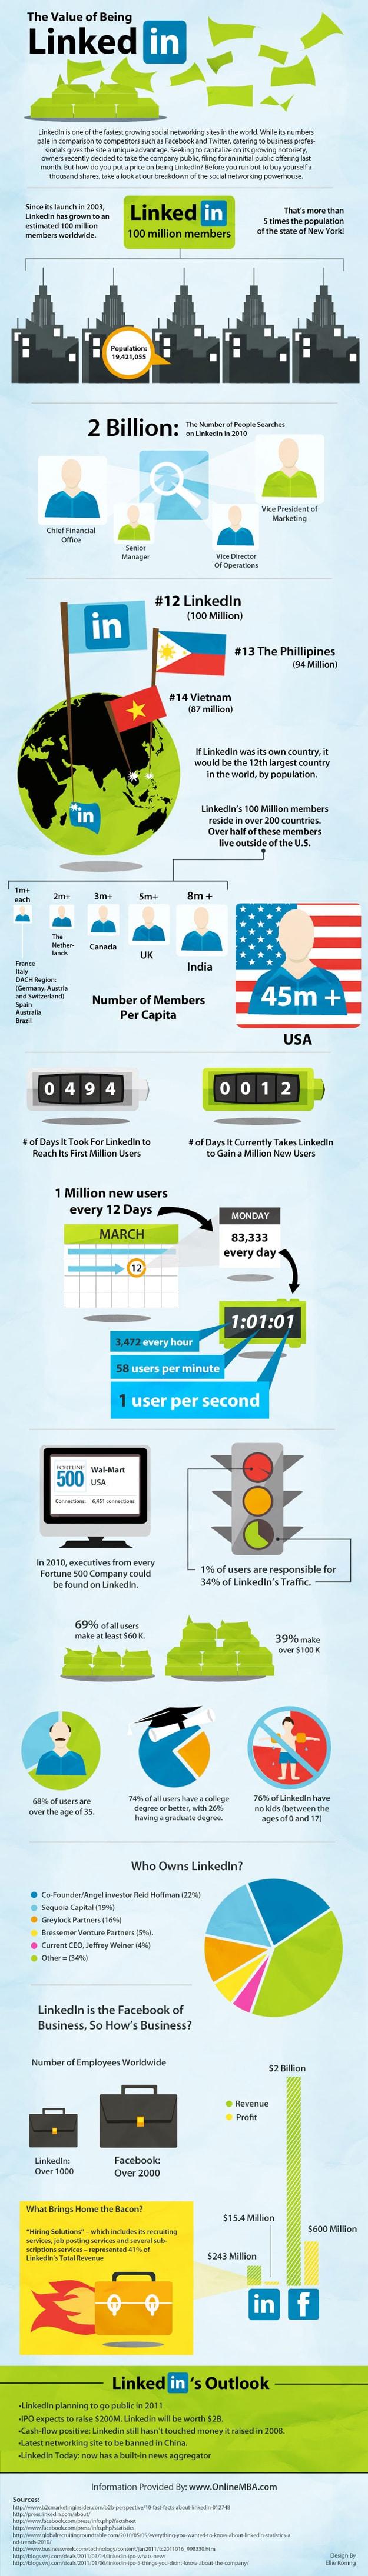 LinkedIn Social Networking Professionals